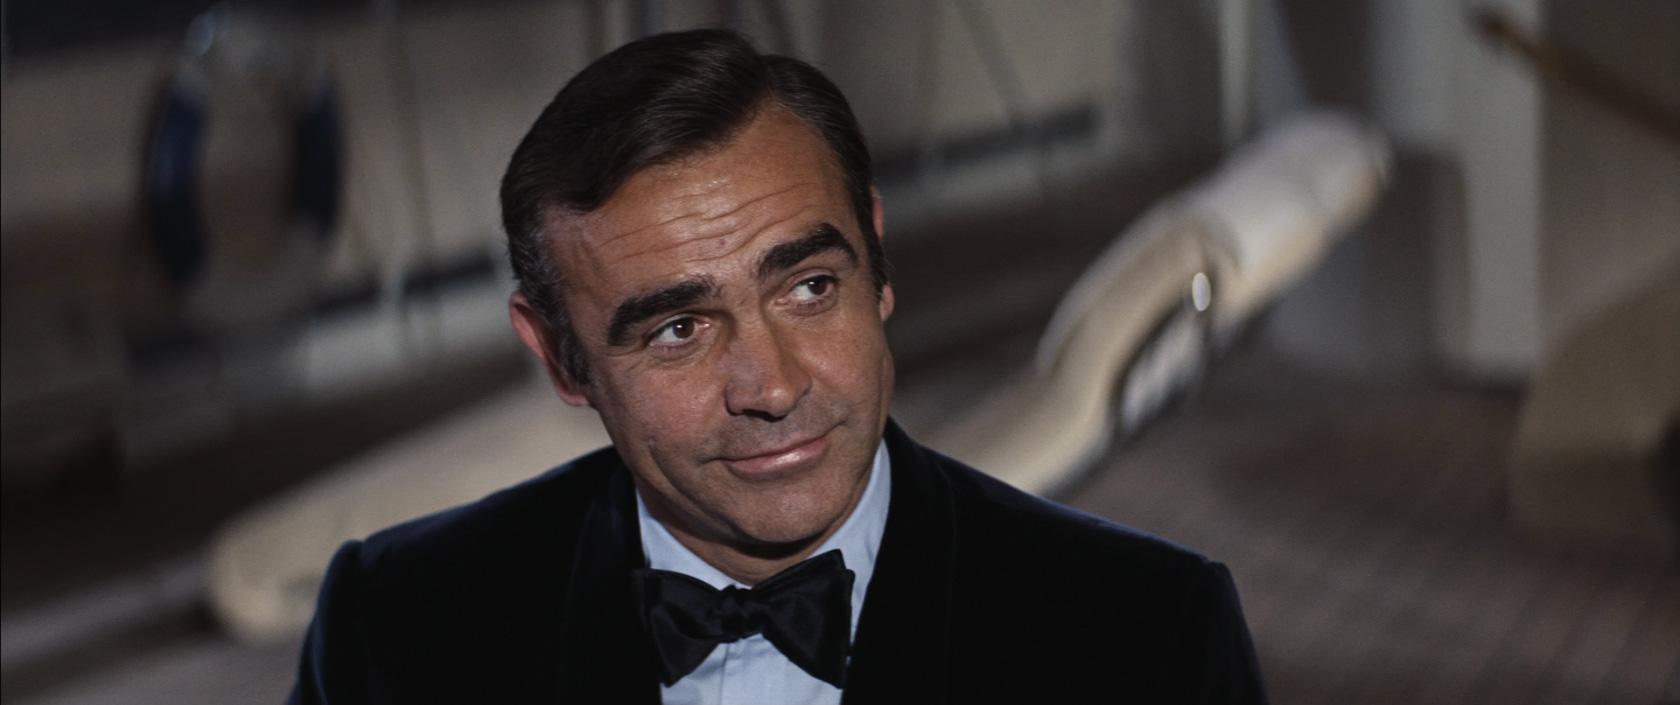 Velvet-James-Bond.jpg